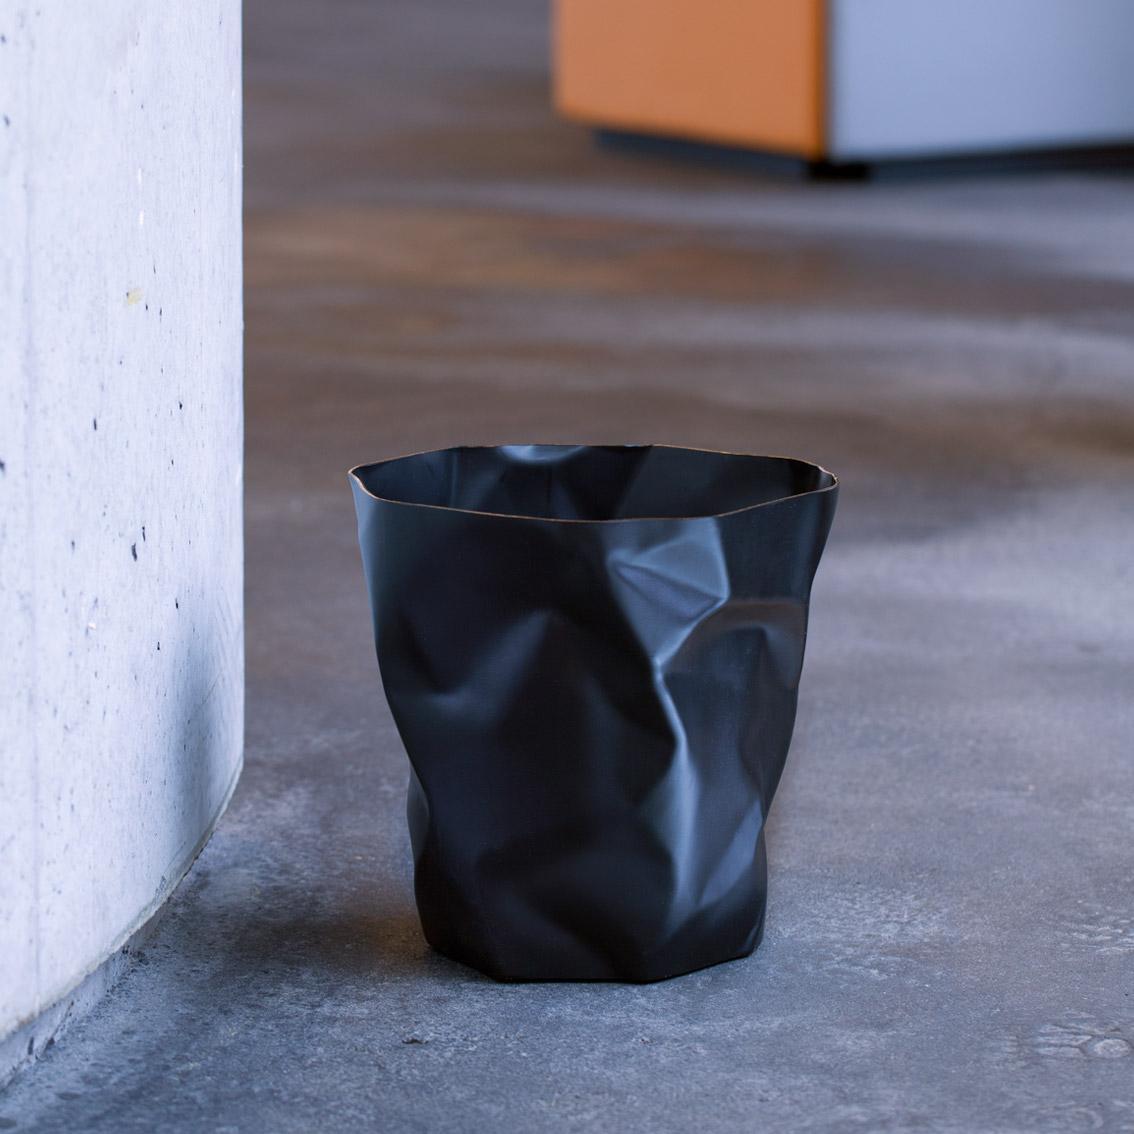 Bin Bin paper waste basket Black